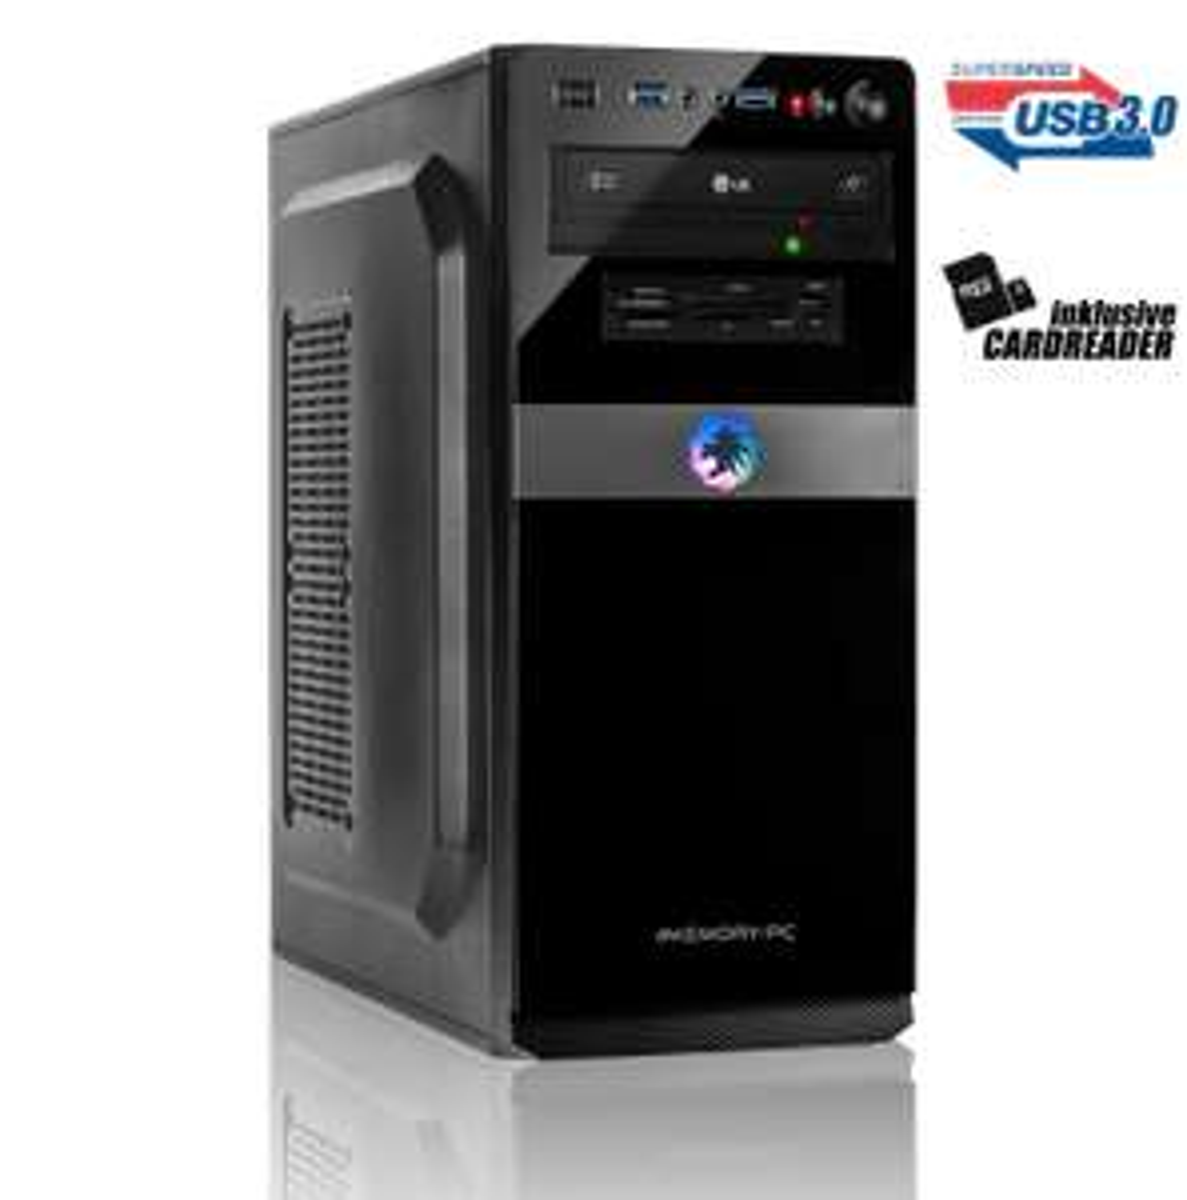 Gaming PC mit Ryzen 5 2600, Radeon RX 580 OC 8GB, 8 GB RAM, 240 GB SSD, Tom Clancy's The Division 2 & World War Z für 479,60€